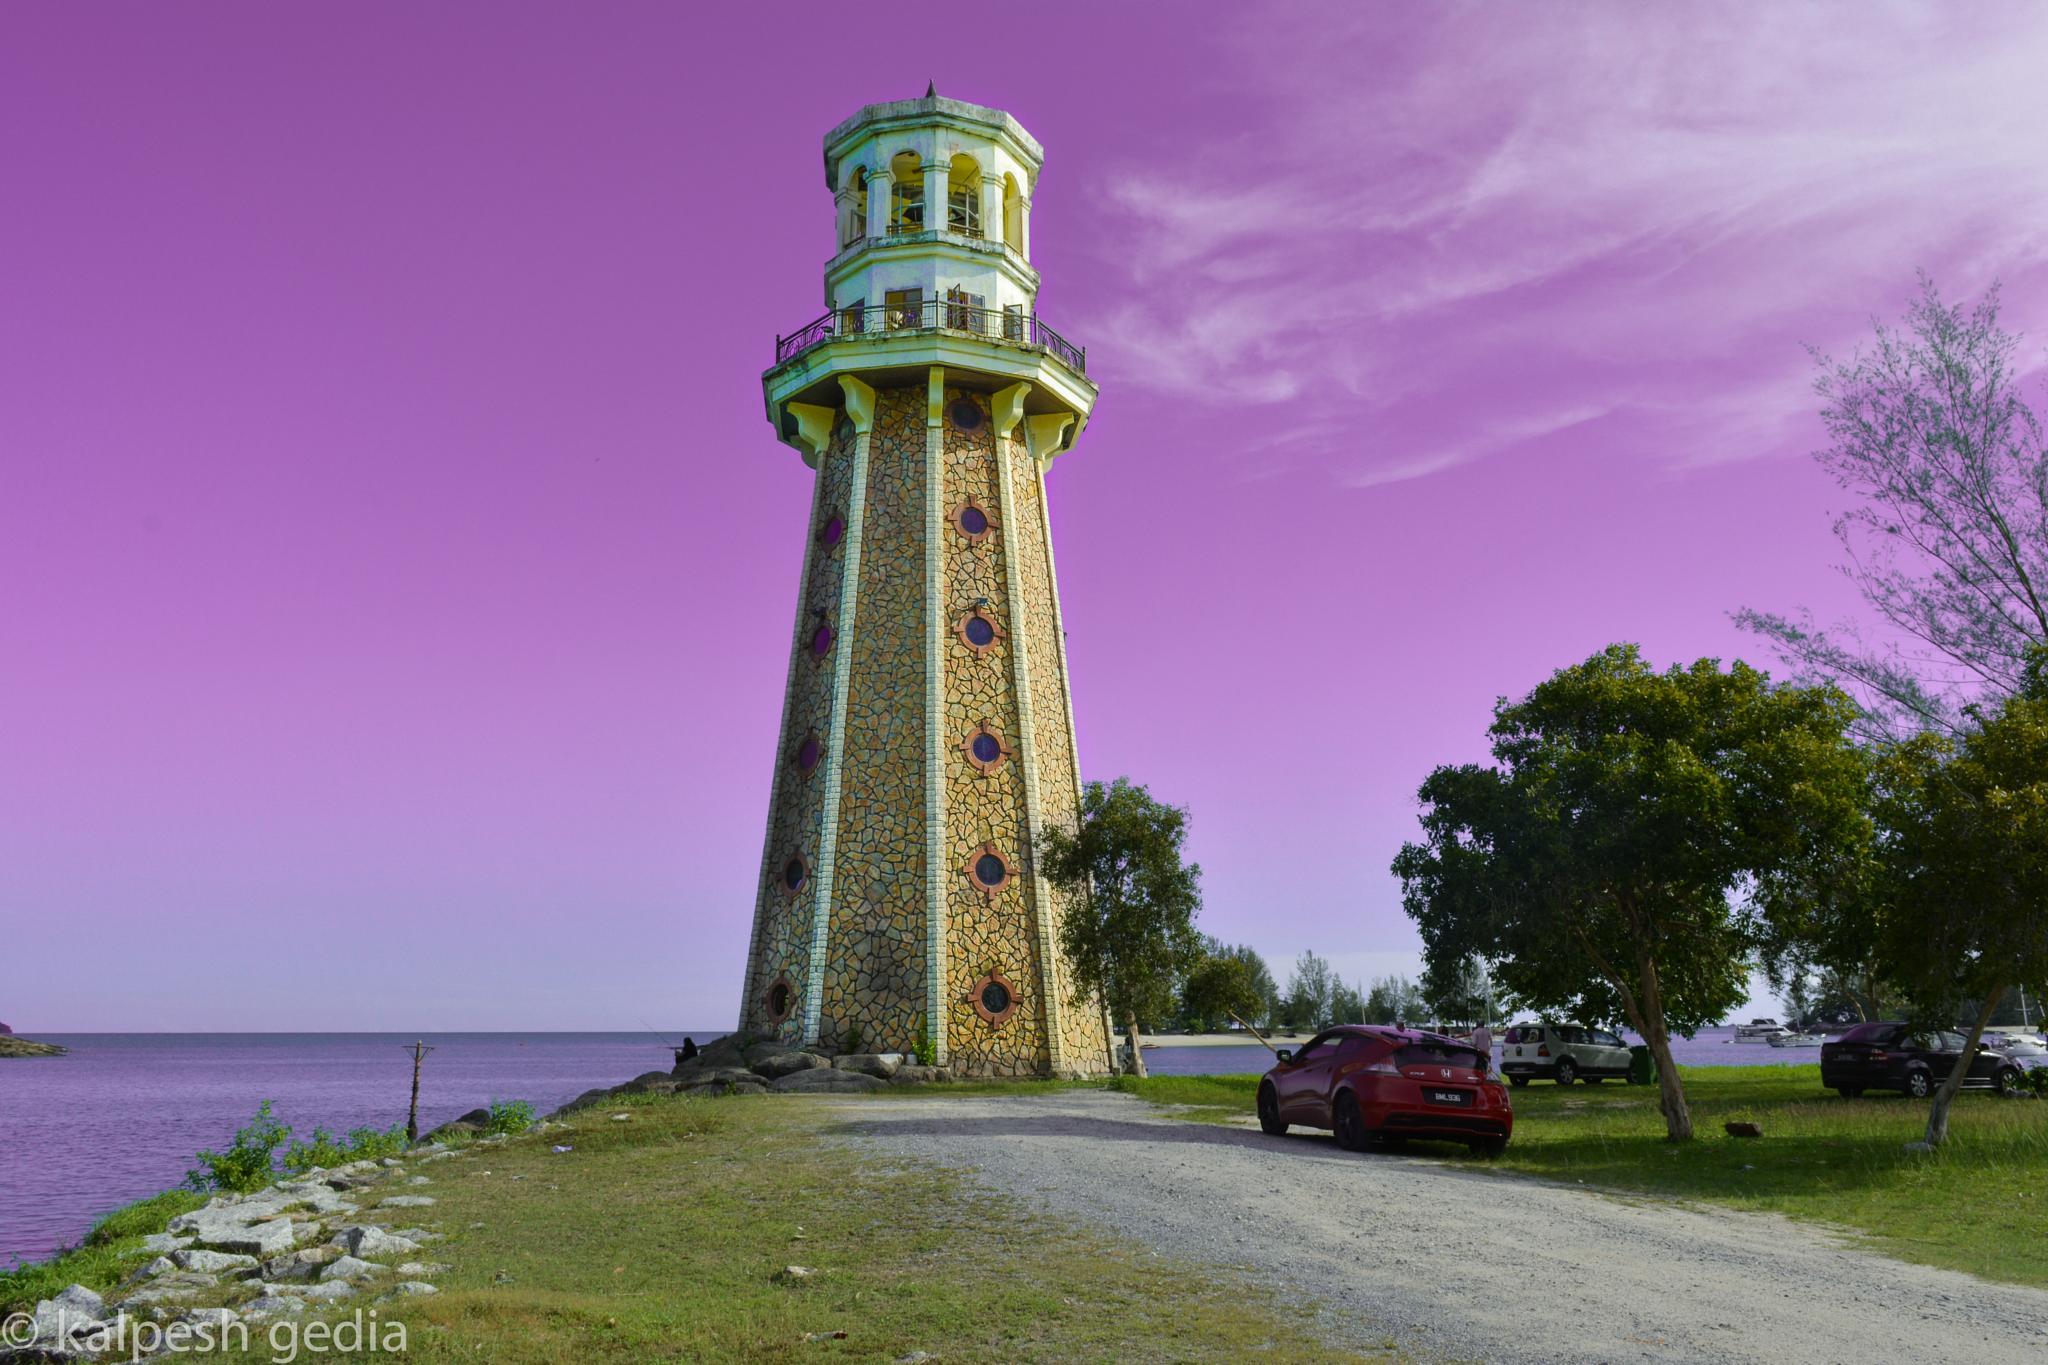 Lighthouse by kalpeshgedia